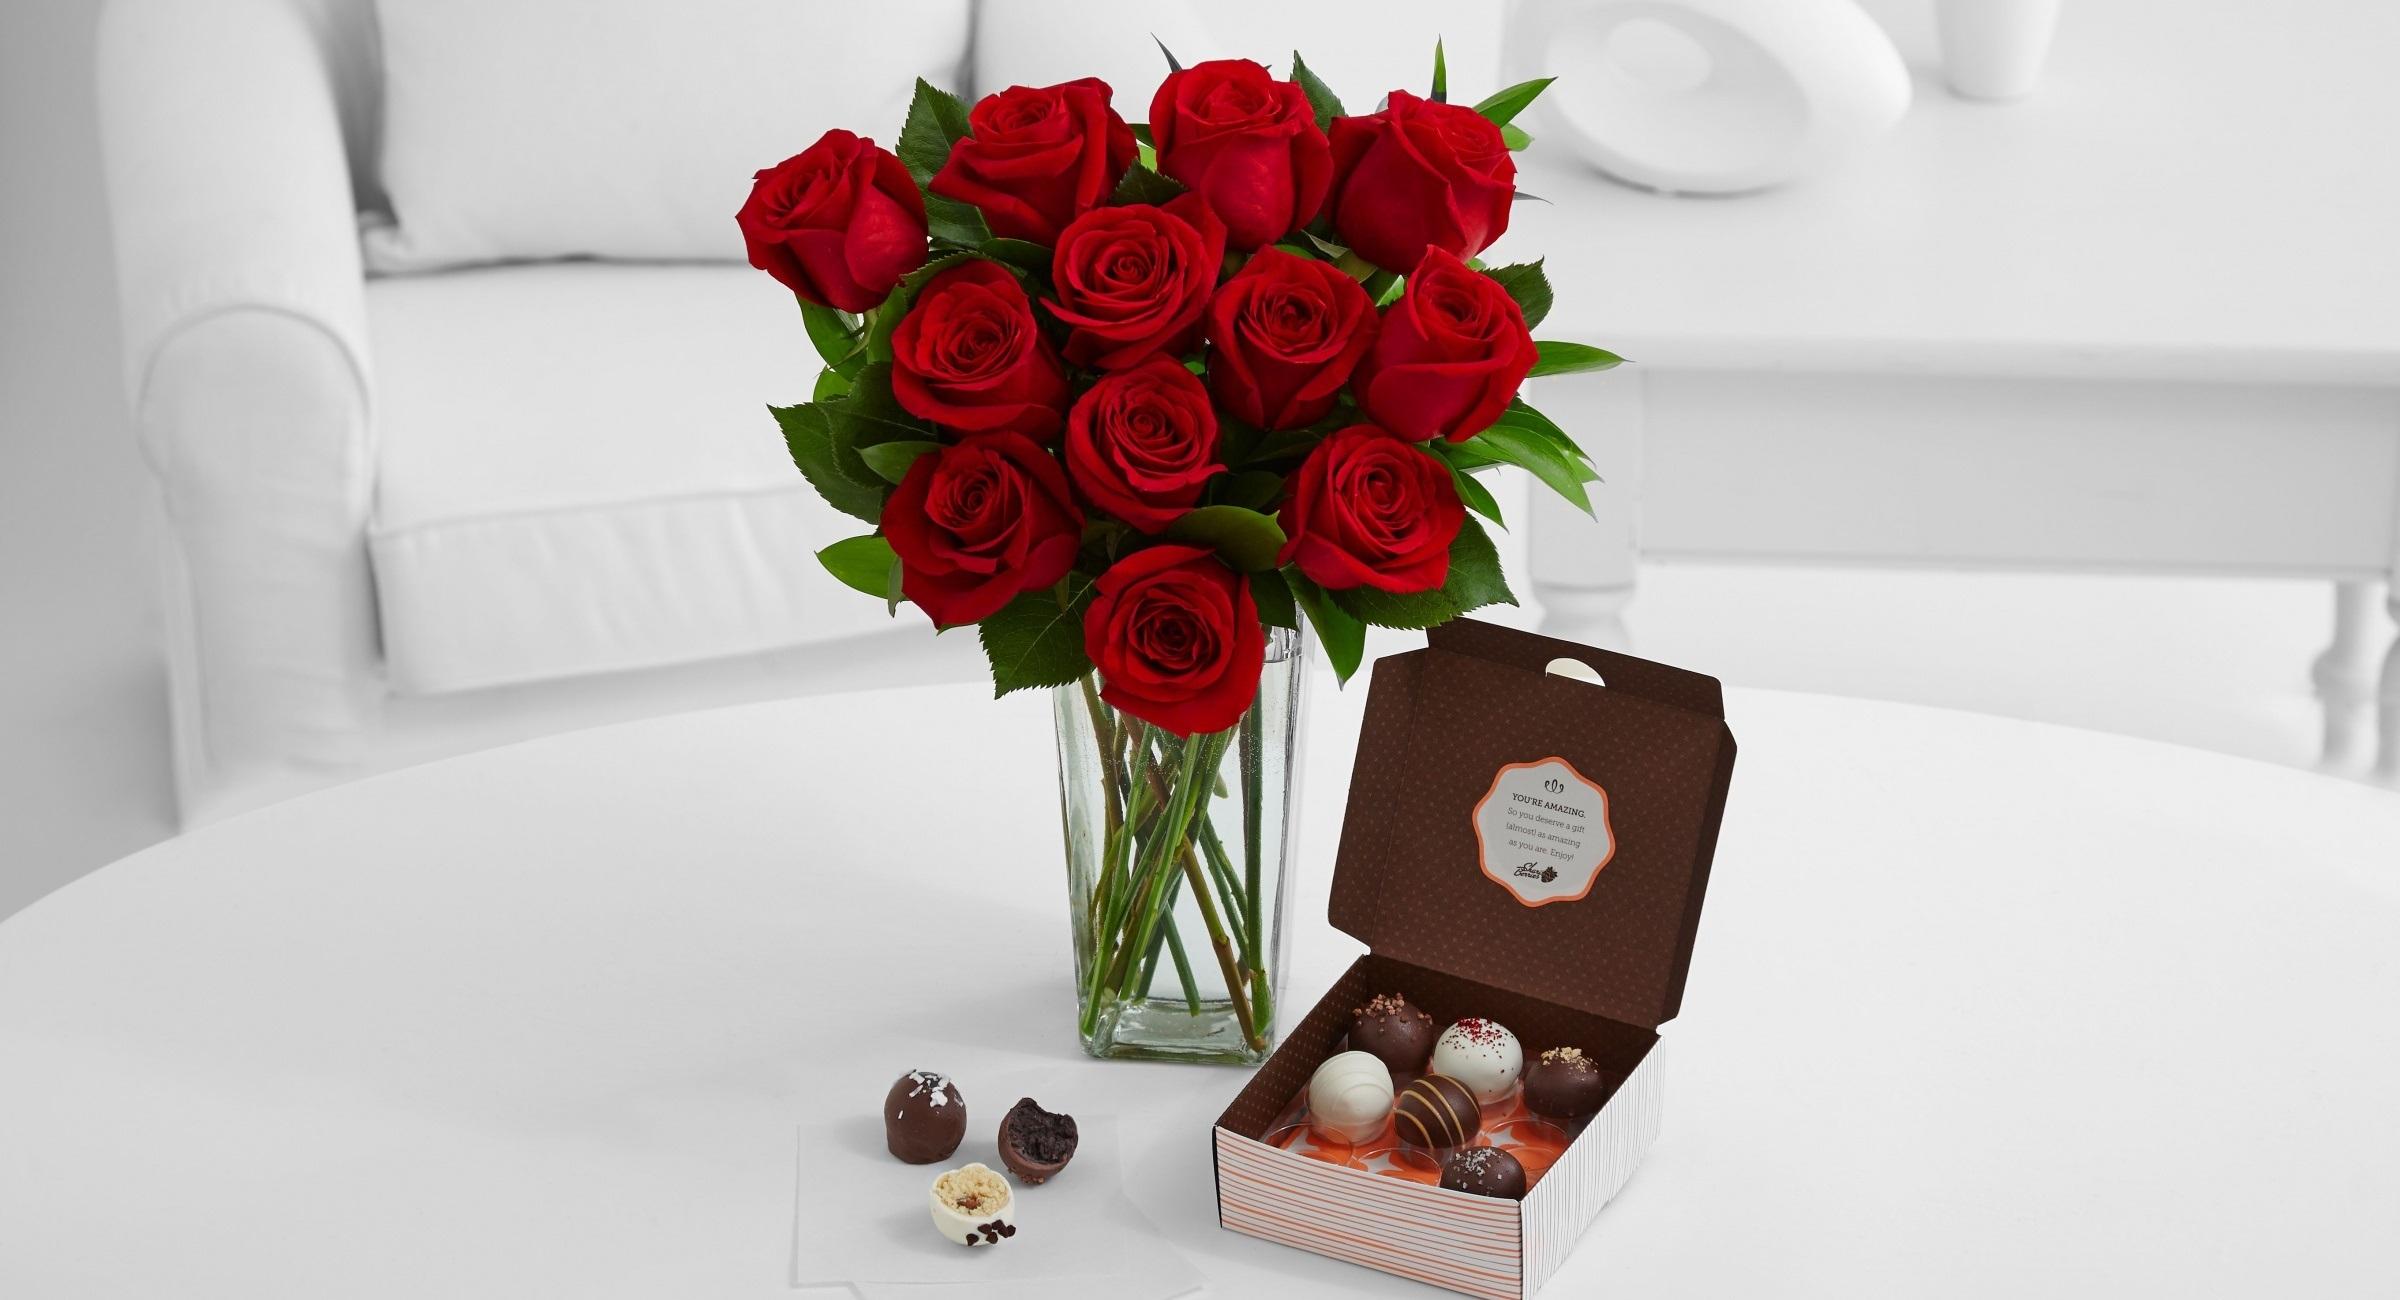 Открытки, можно открытку конфеты ферерро и цветы мелкие китайские розы